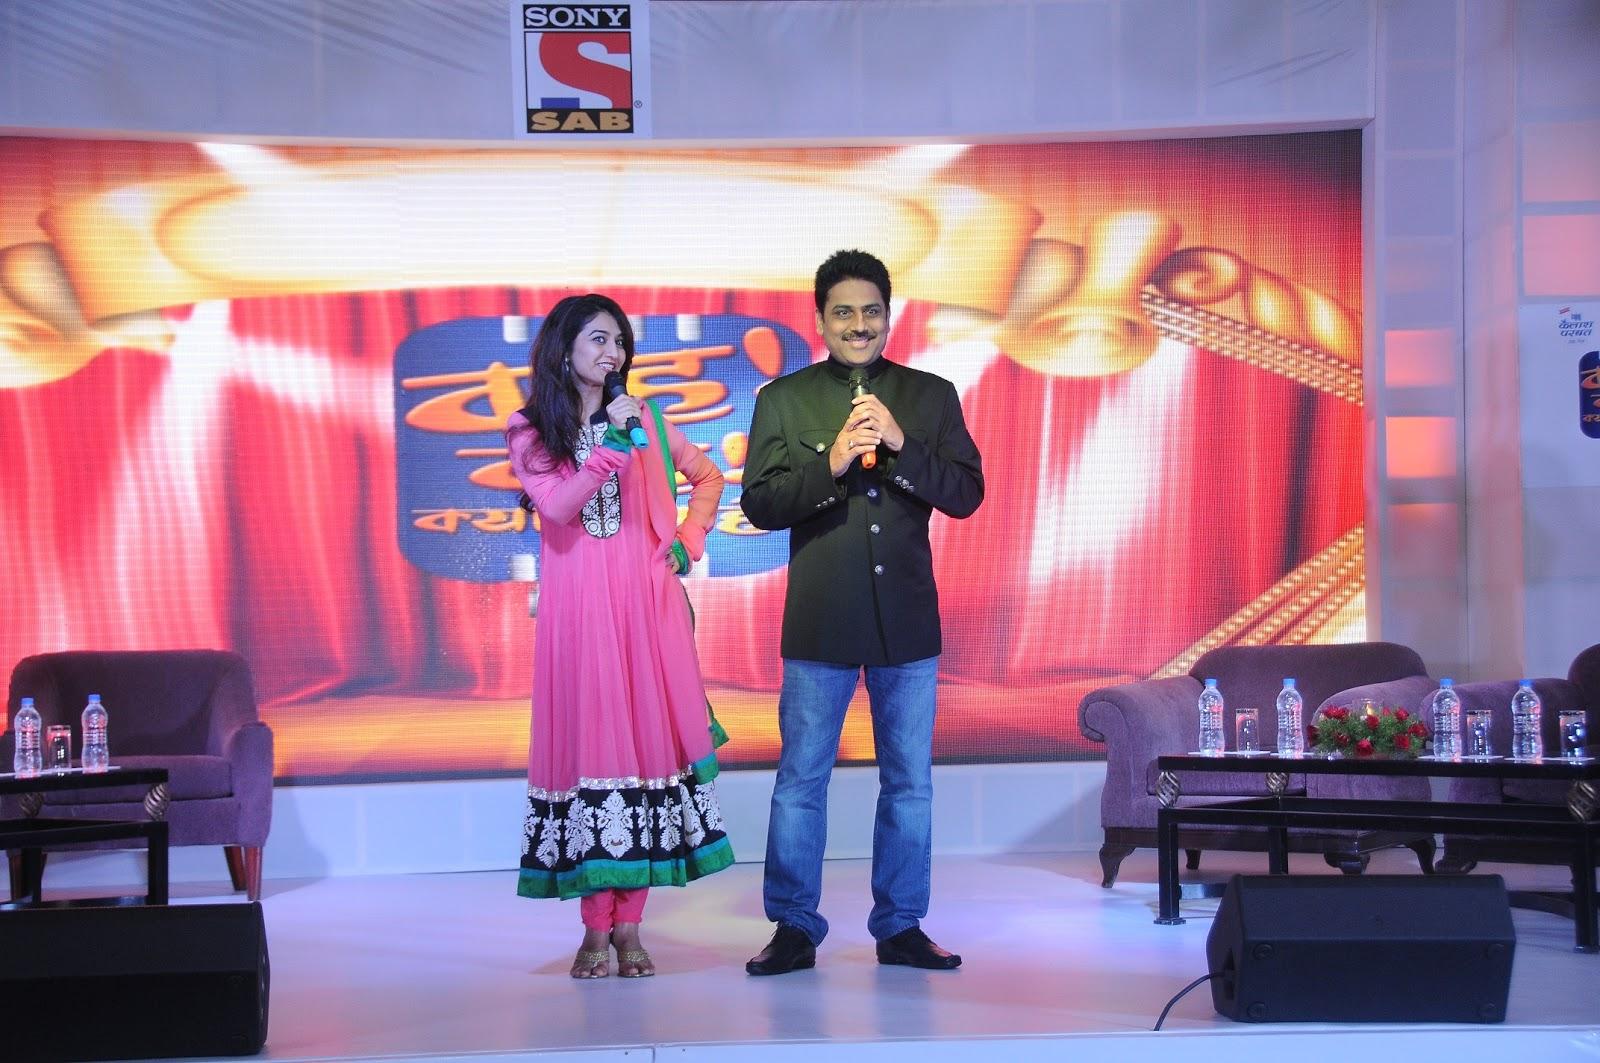 Sagar Media Inc: SAB TV's 'Wah Wah Kya Baat Hai